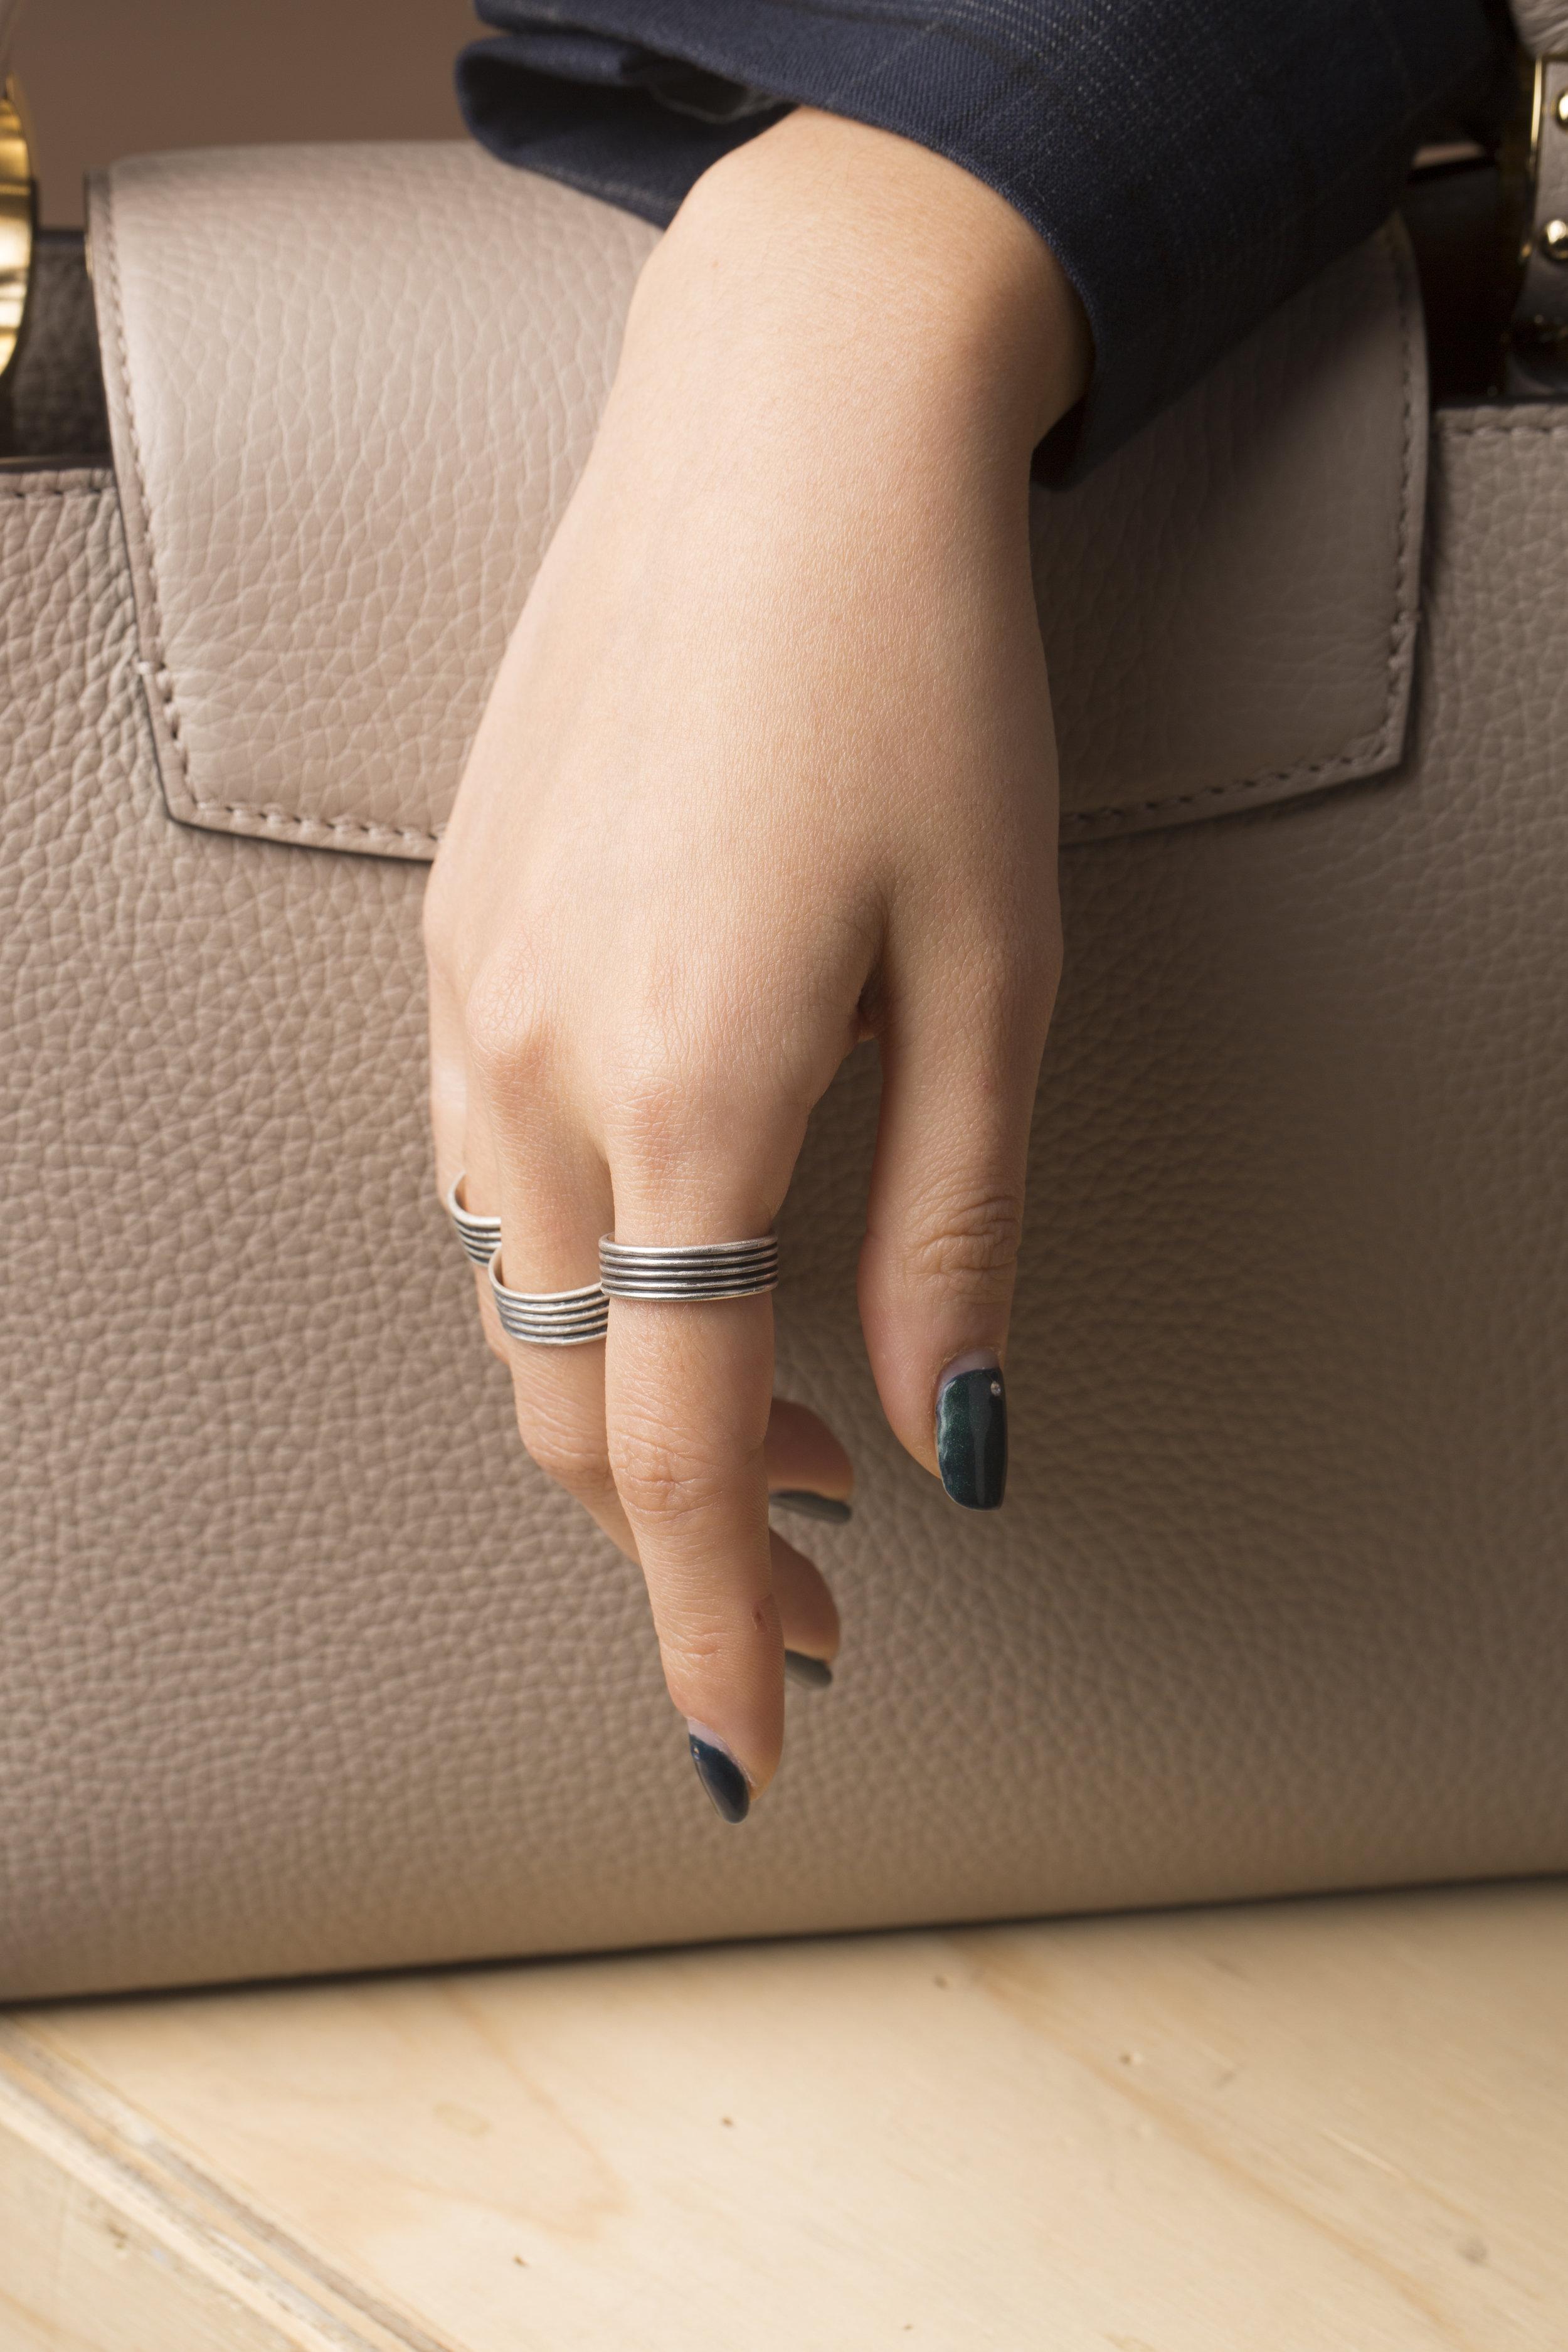 Jill Mac Jewelry-1.jpg